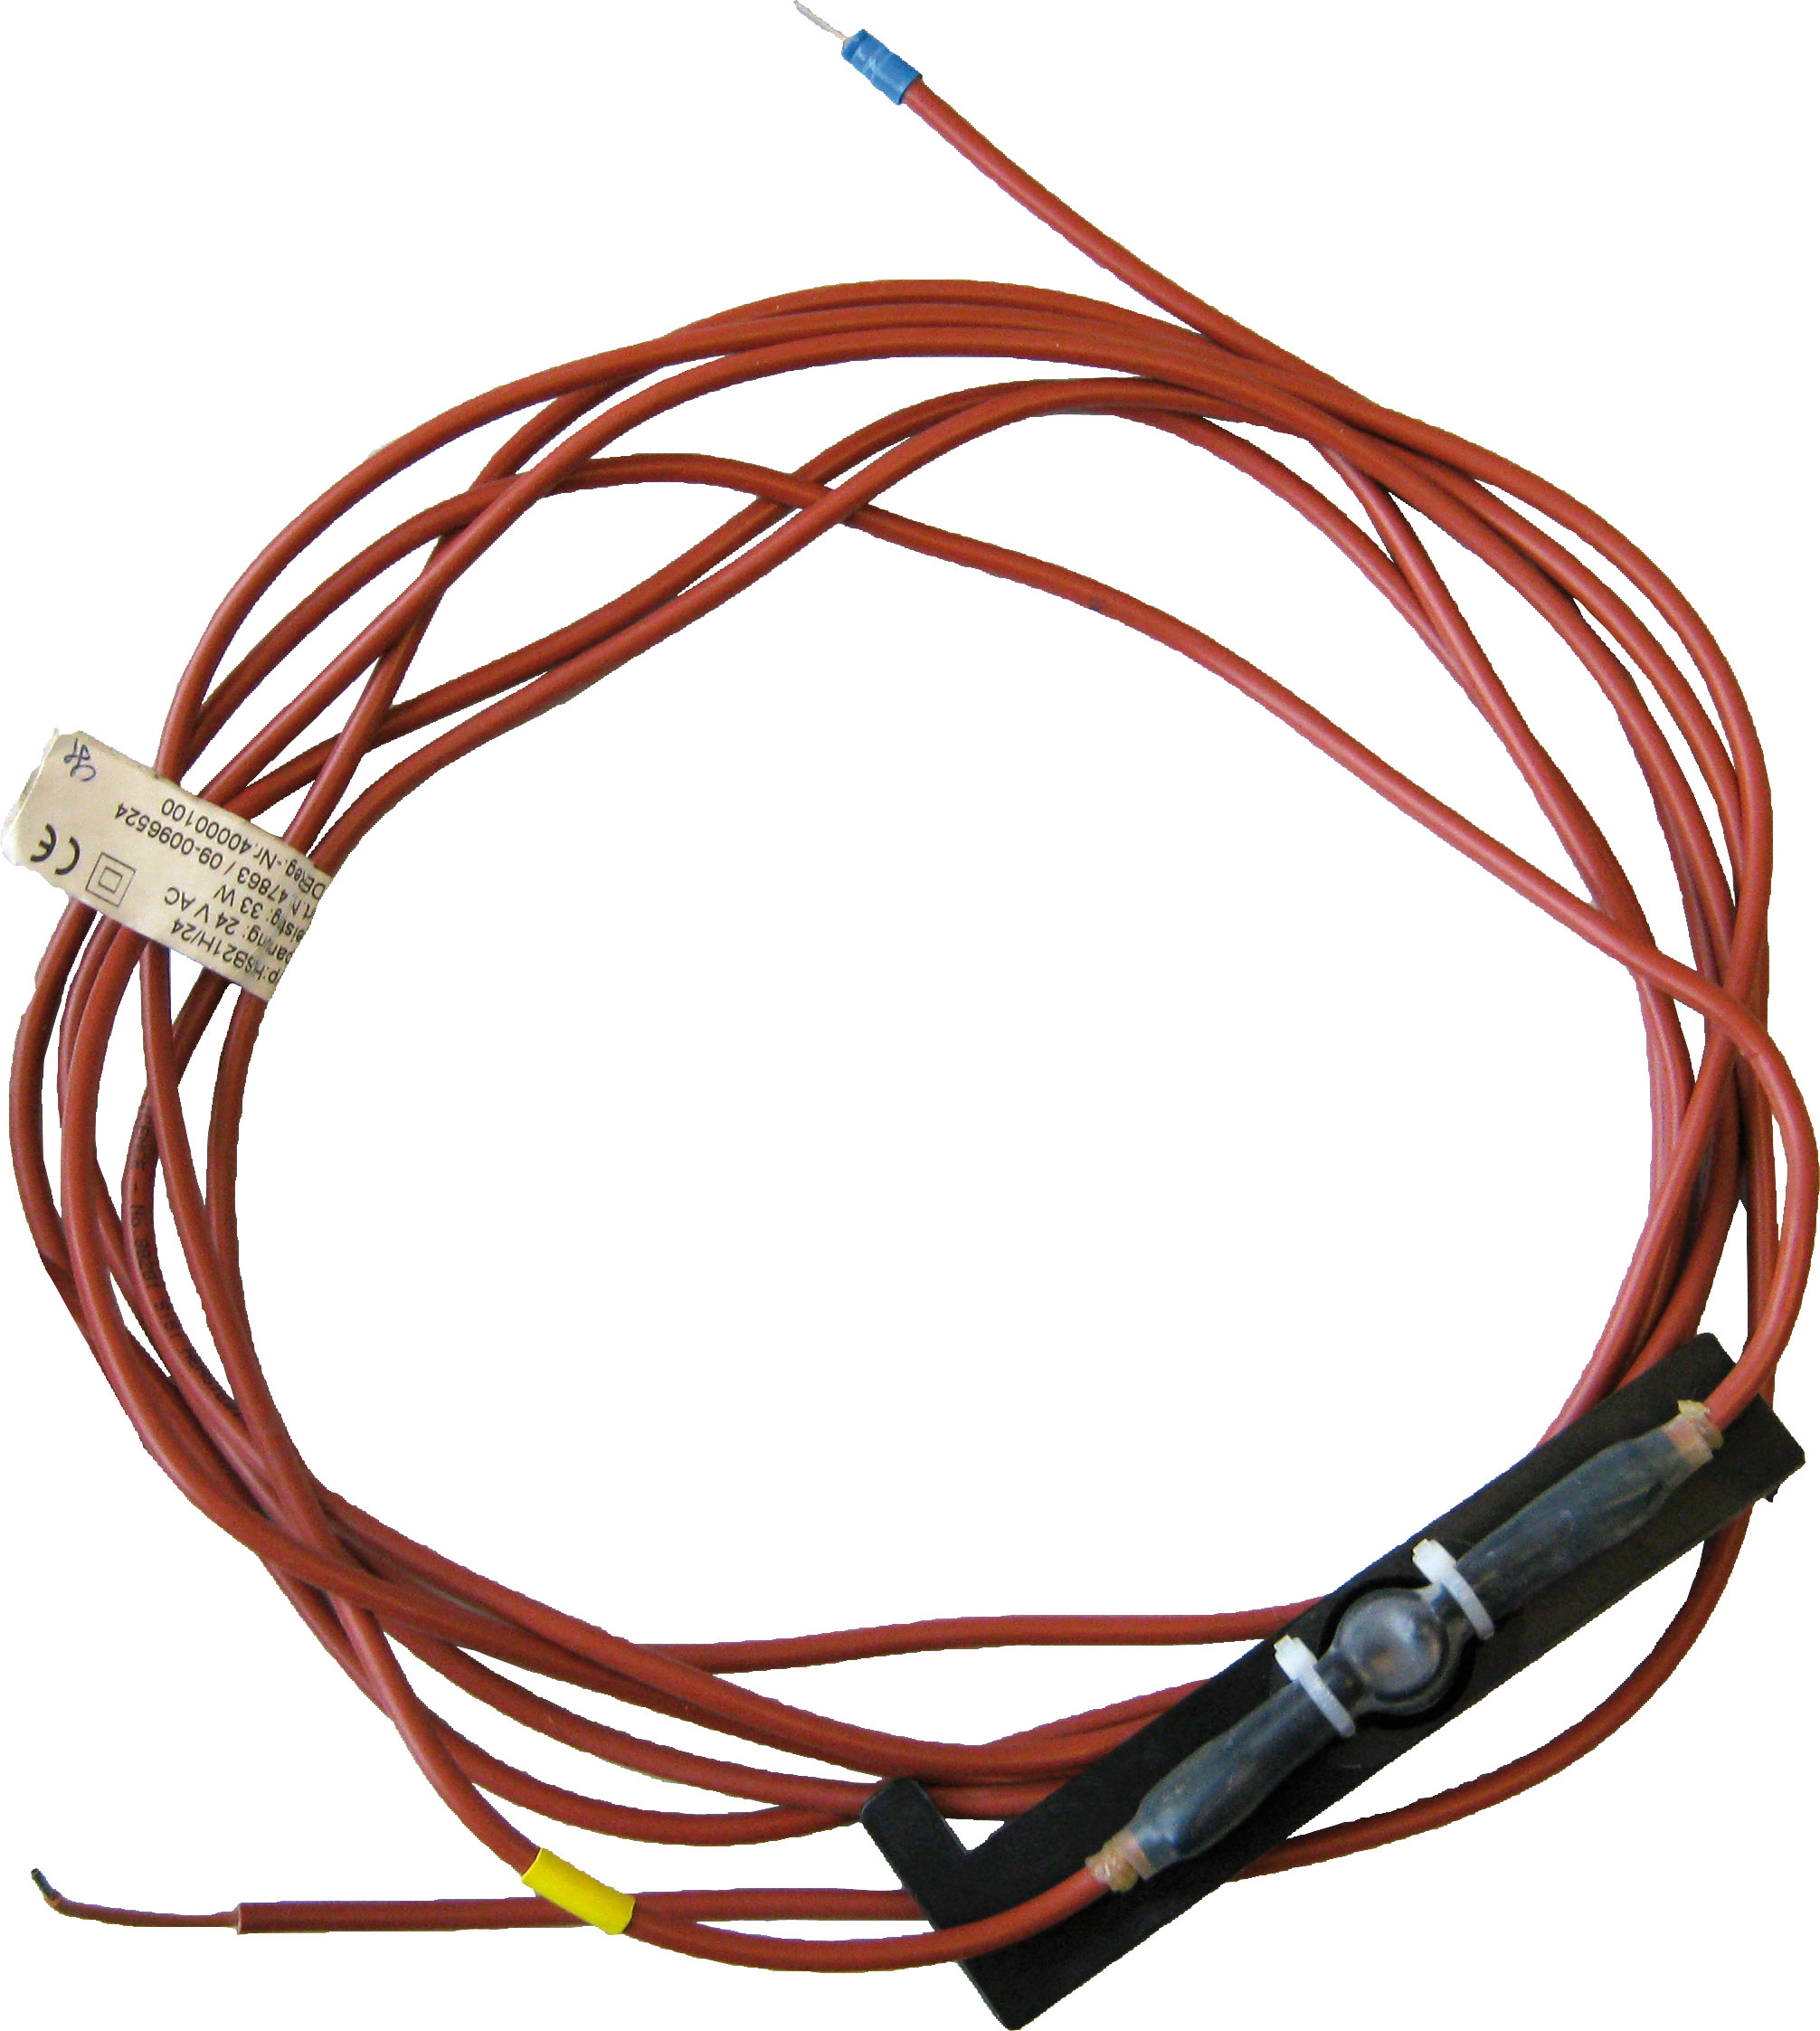 Rohrbegleitheizung SB 22/23 / 24 Volt / 66 Watt (Frostschutz bis ca. -35°C) zum Nachrüsten